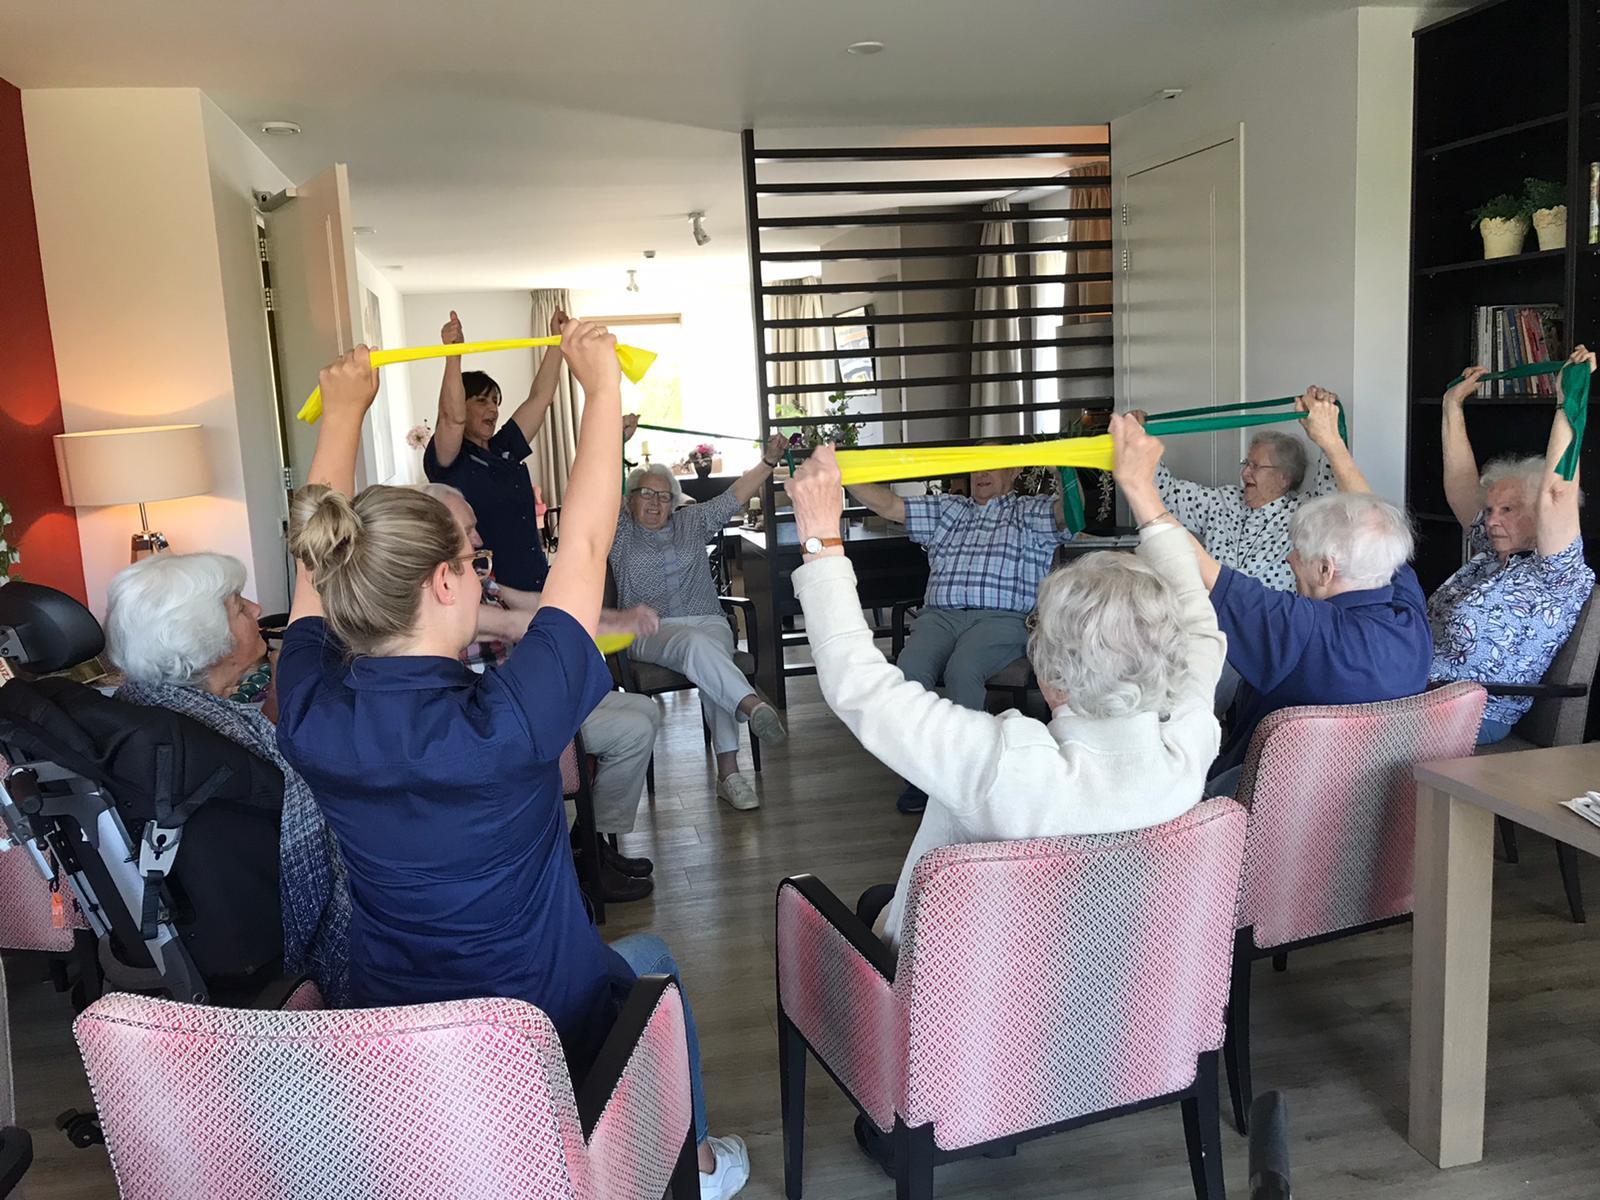 Woonhuizen van Compartijn nog tot en met 20 mei gesloten voor bezoek